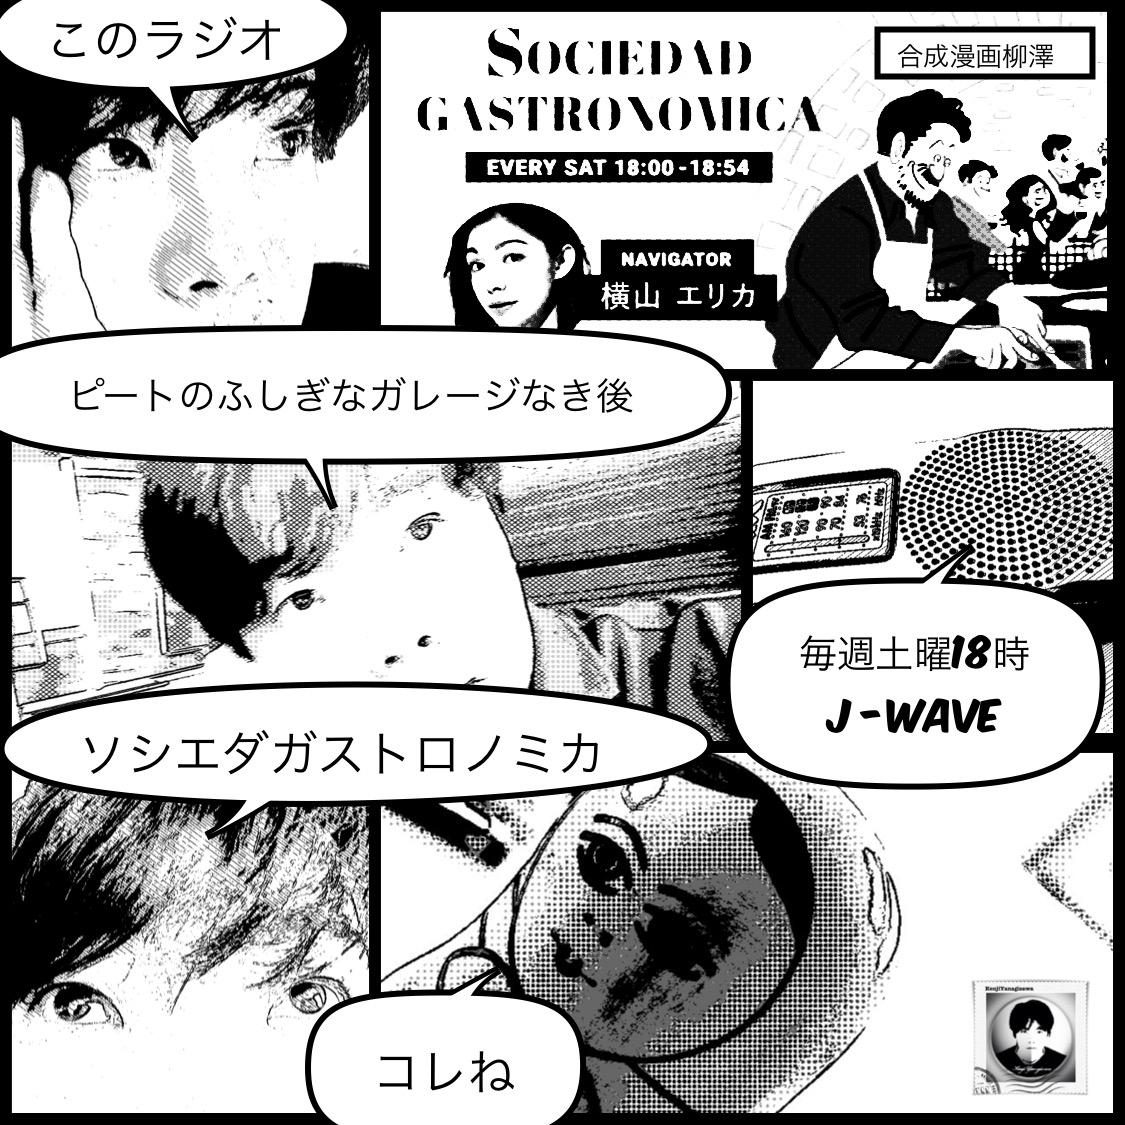 ソシエダ・ガストロノミカ